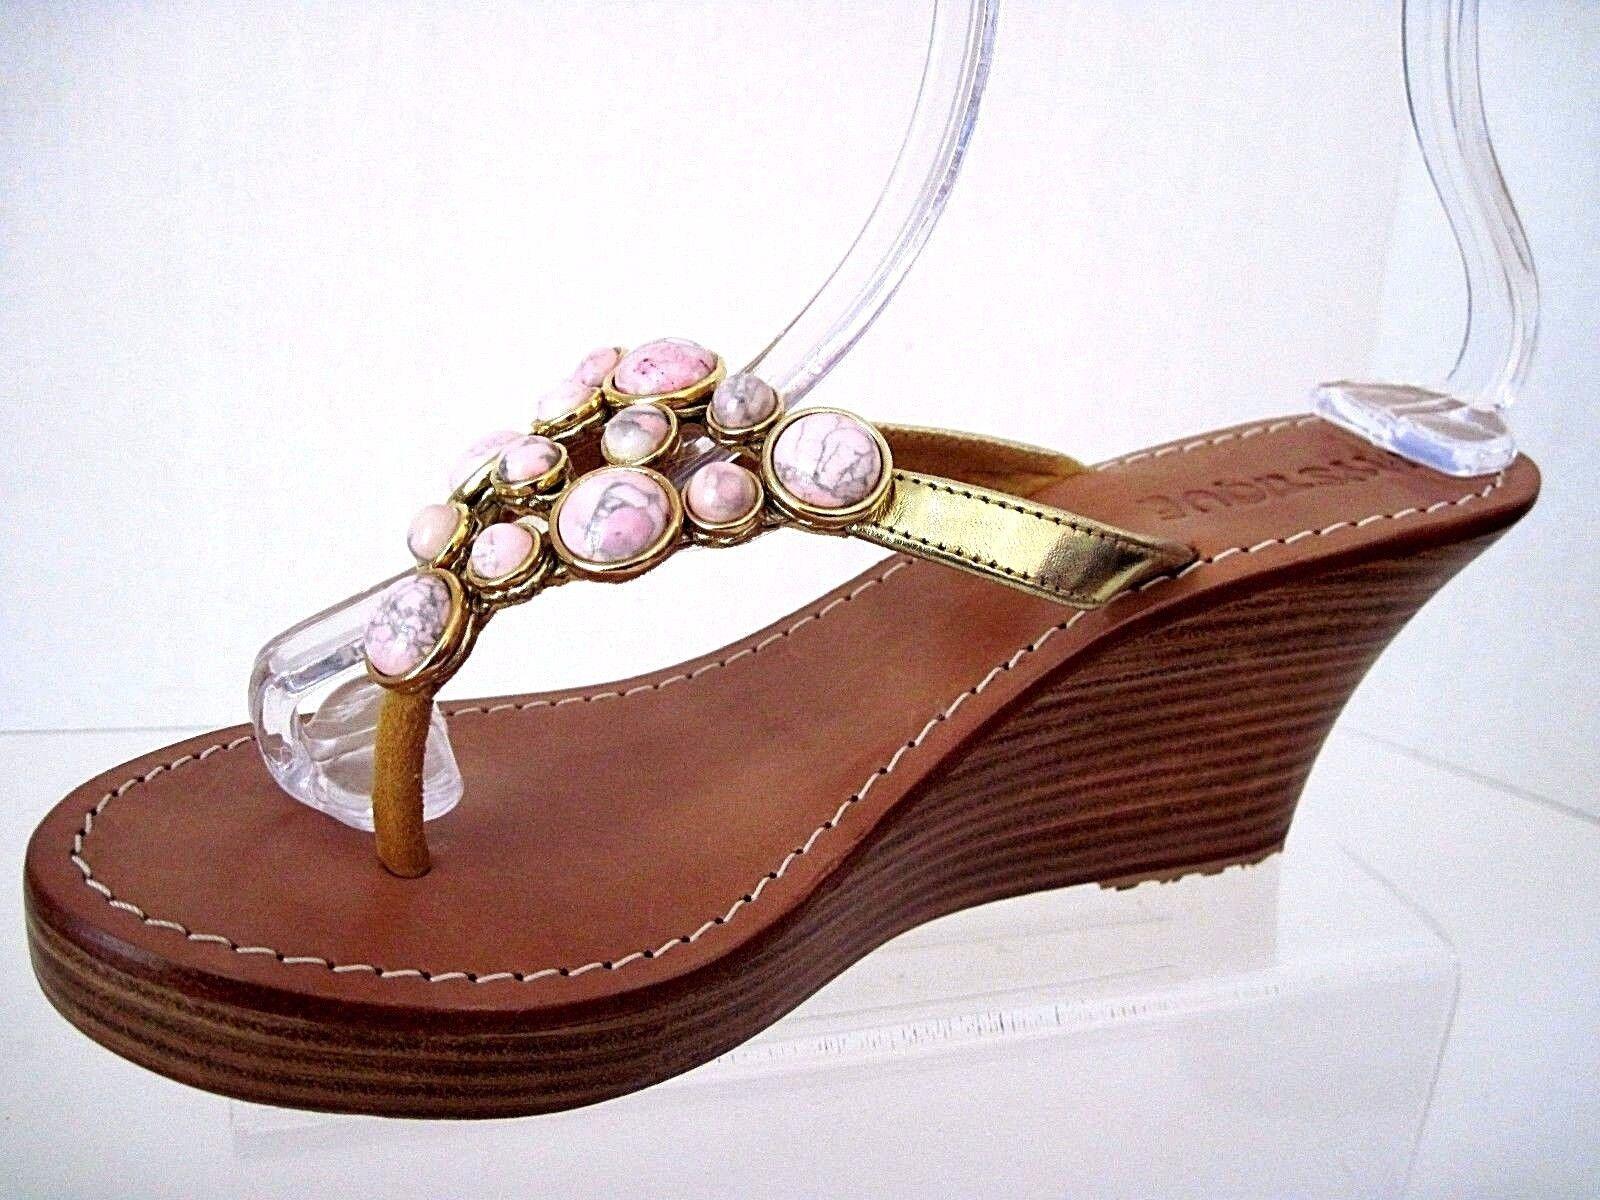 MYSTIQUE Gold Leder Pink Stones in Gold Wedge Tone Settings Wedge Gold Sandale Größe 8 04c1d6